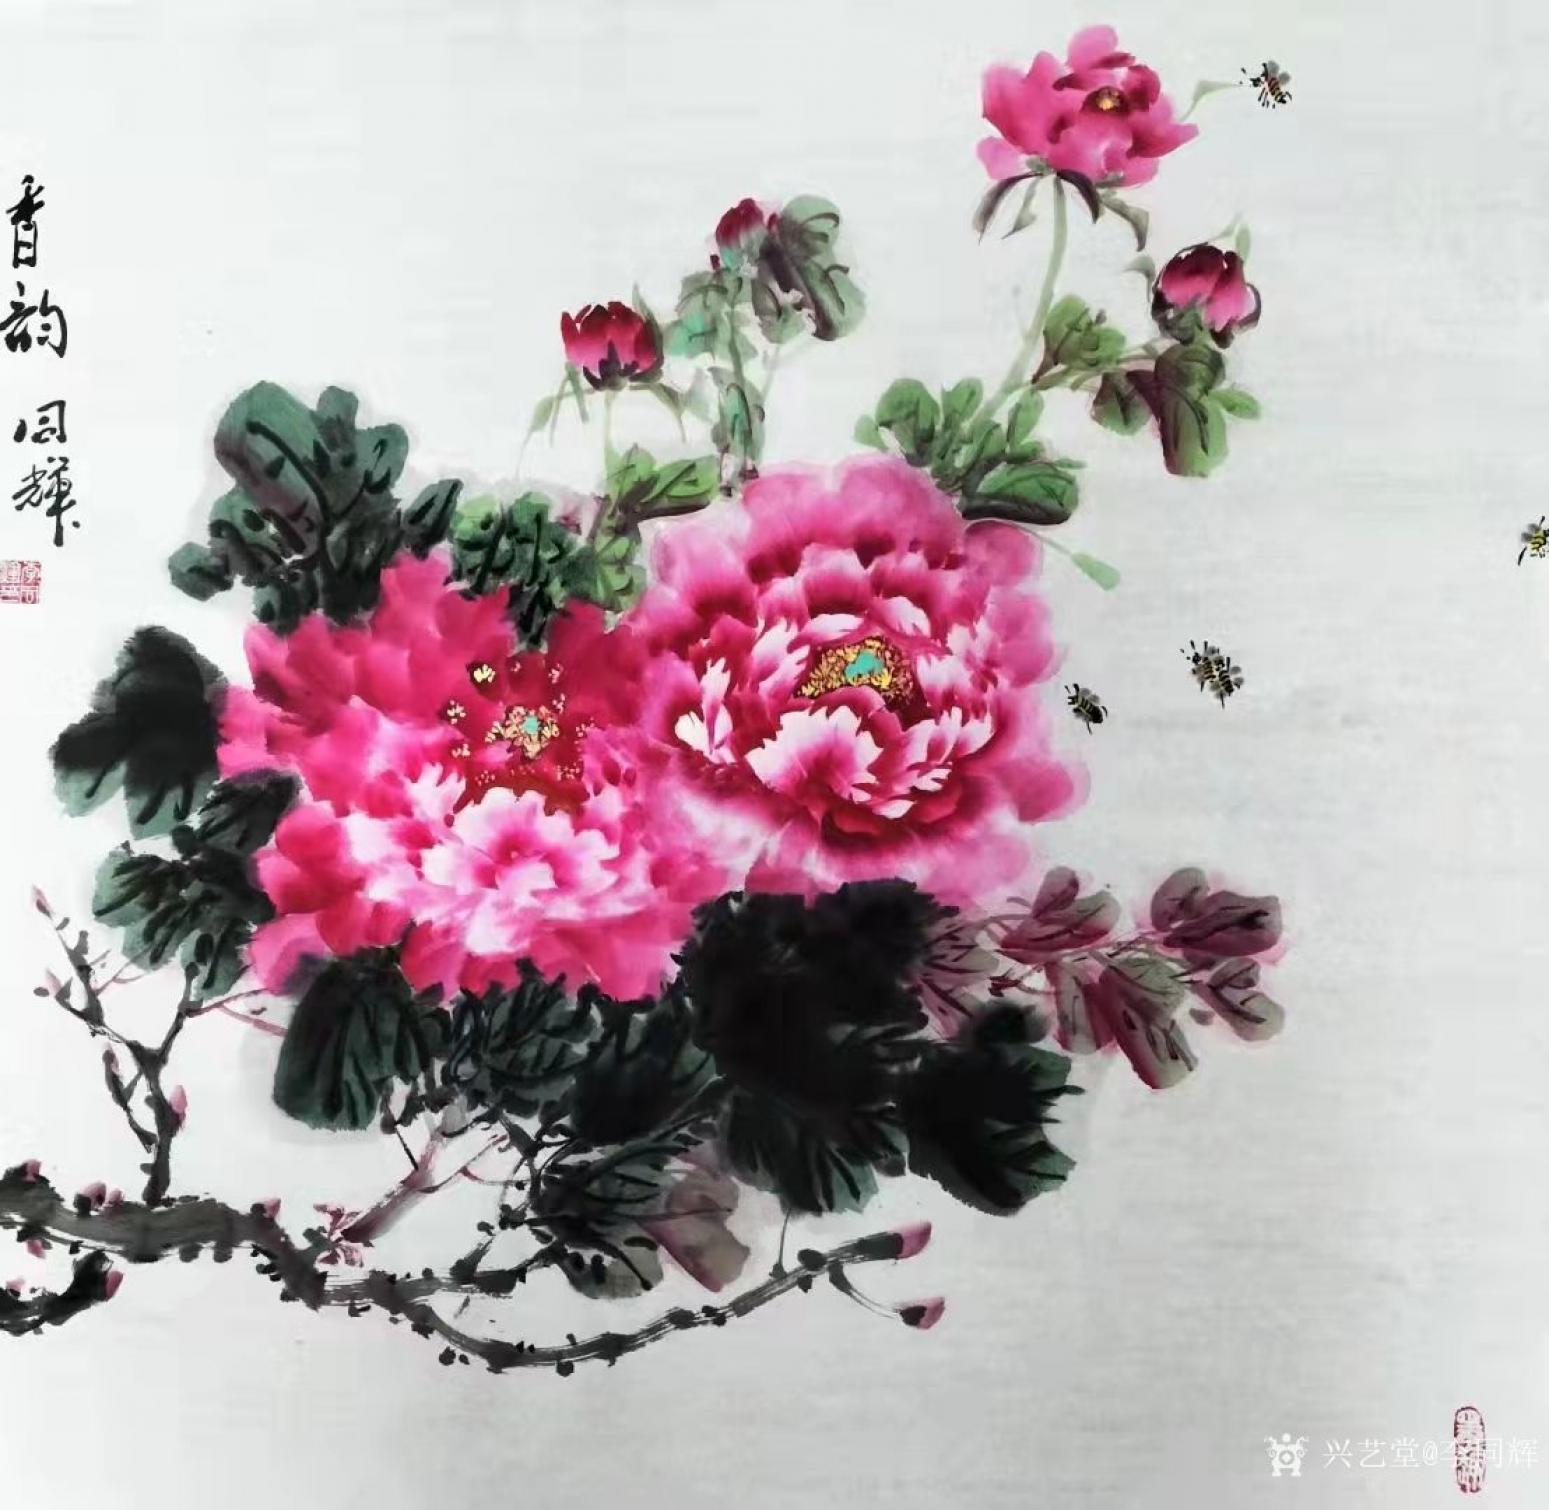 李同辉国画作品《花鸟牡丹-香韵》